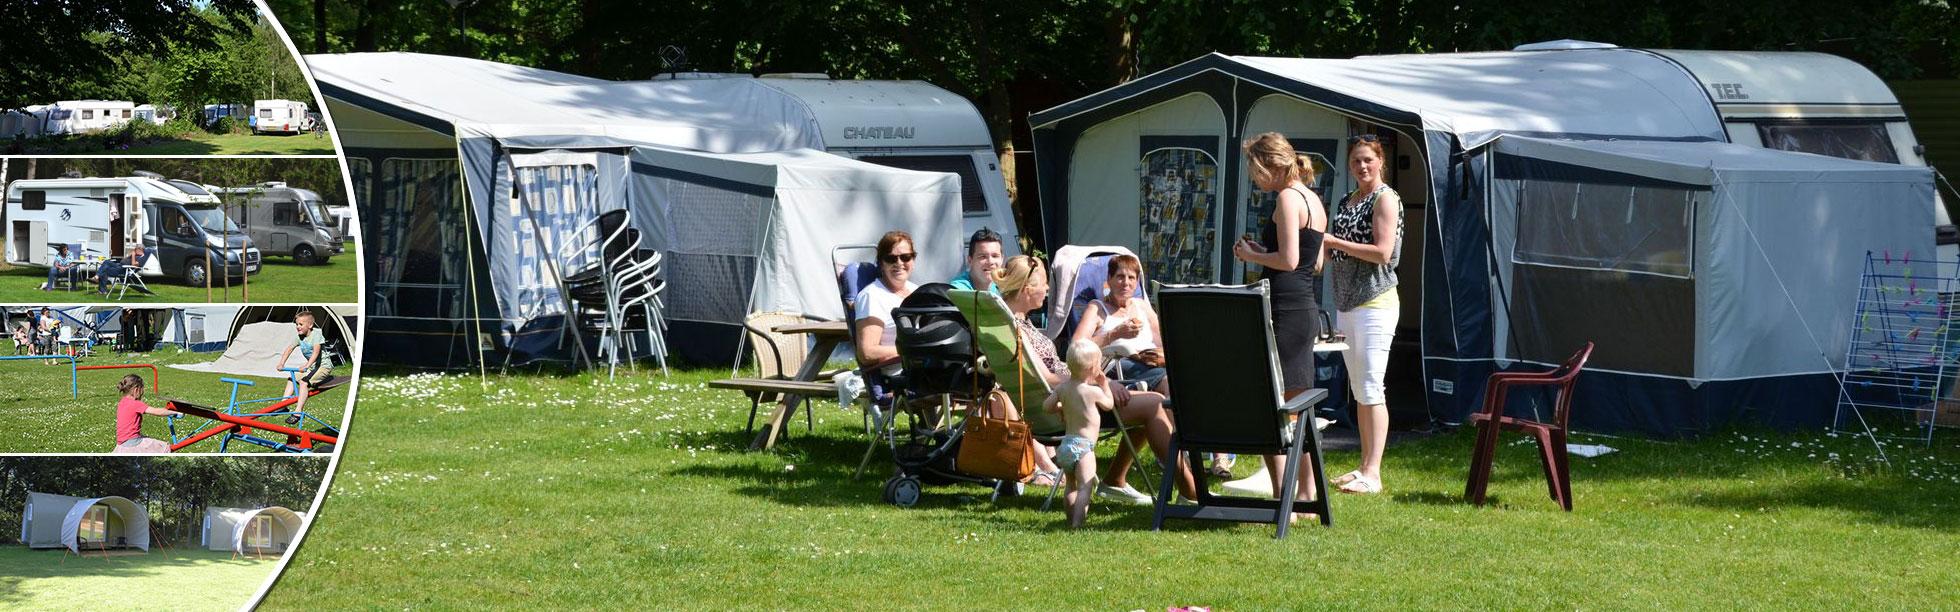 Camping het Urkerbos